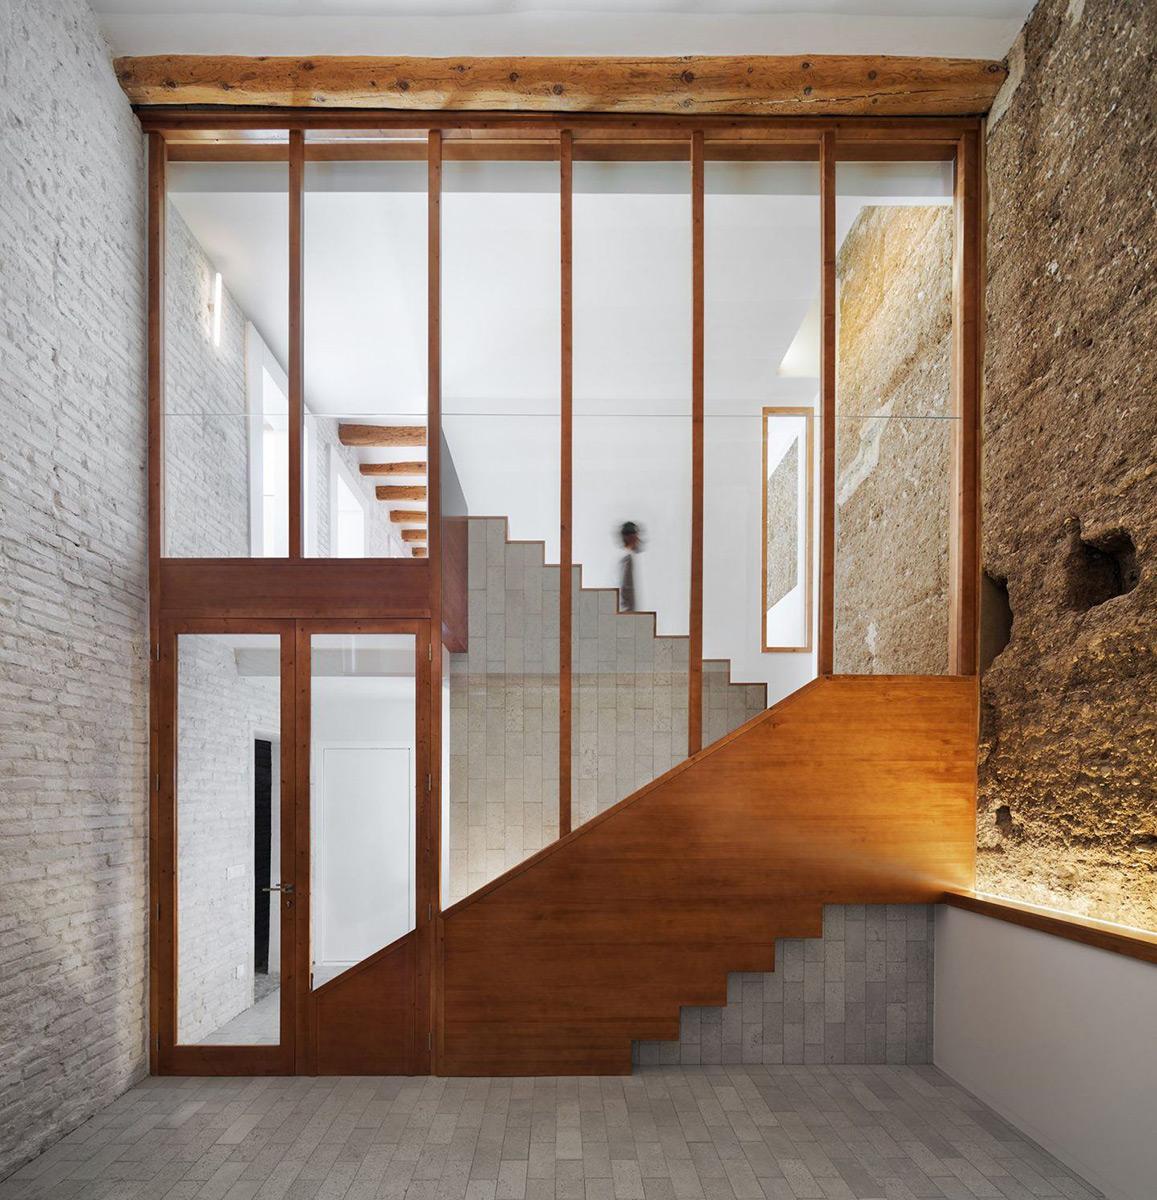 Jordi-Anna-renovation-Hiha-Studio-01